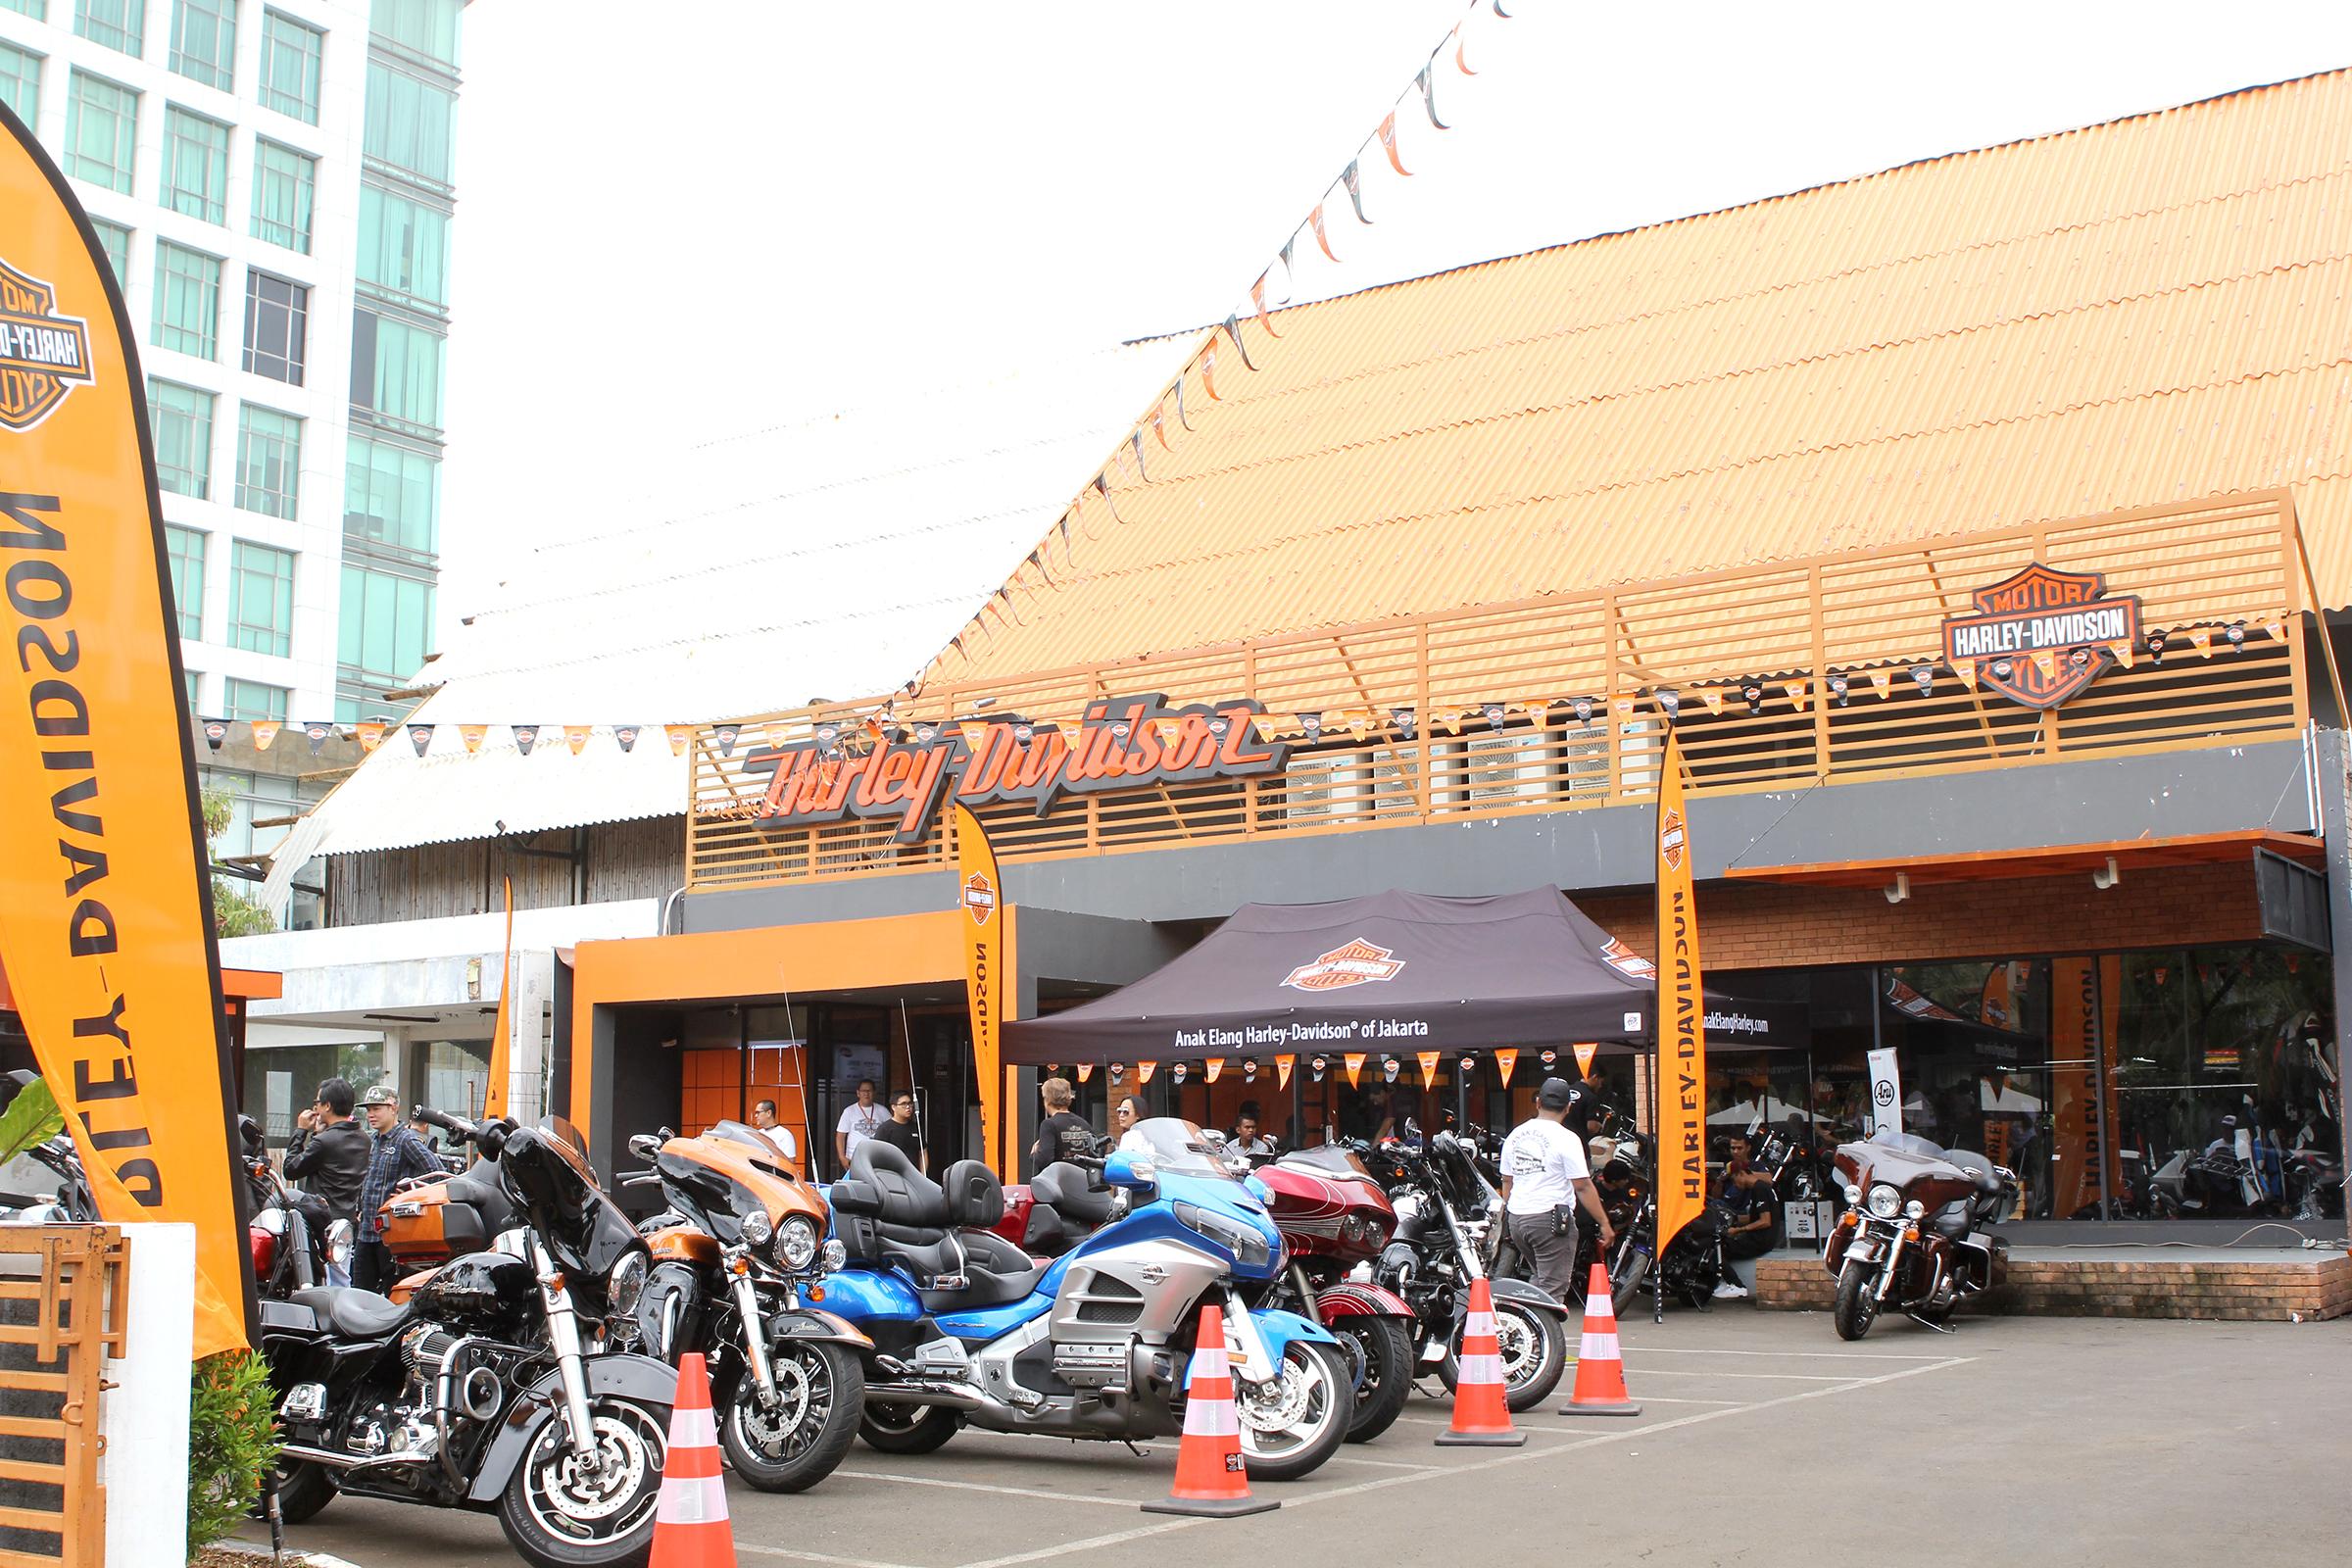 Anak Elang Harley-Davidson of Jakarta Tampilkan Motor Harley-Davidson 2018 Terlengkap